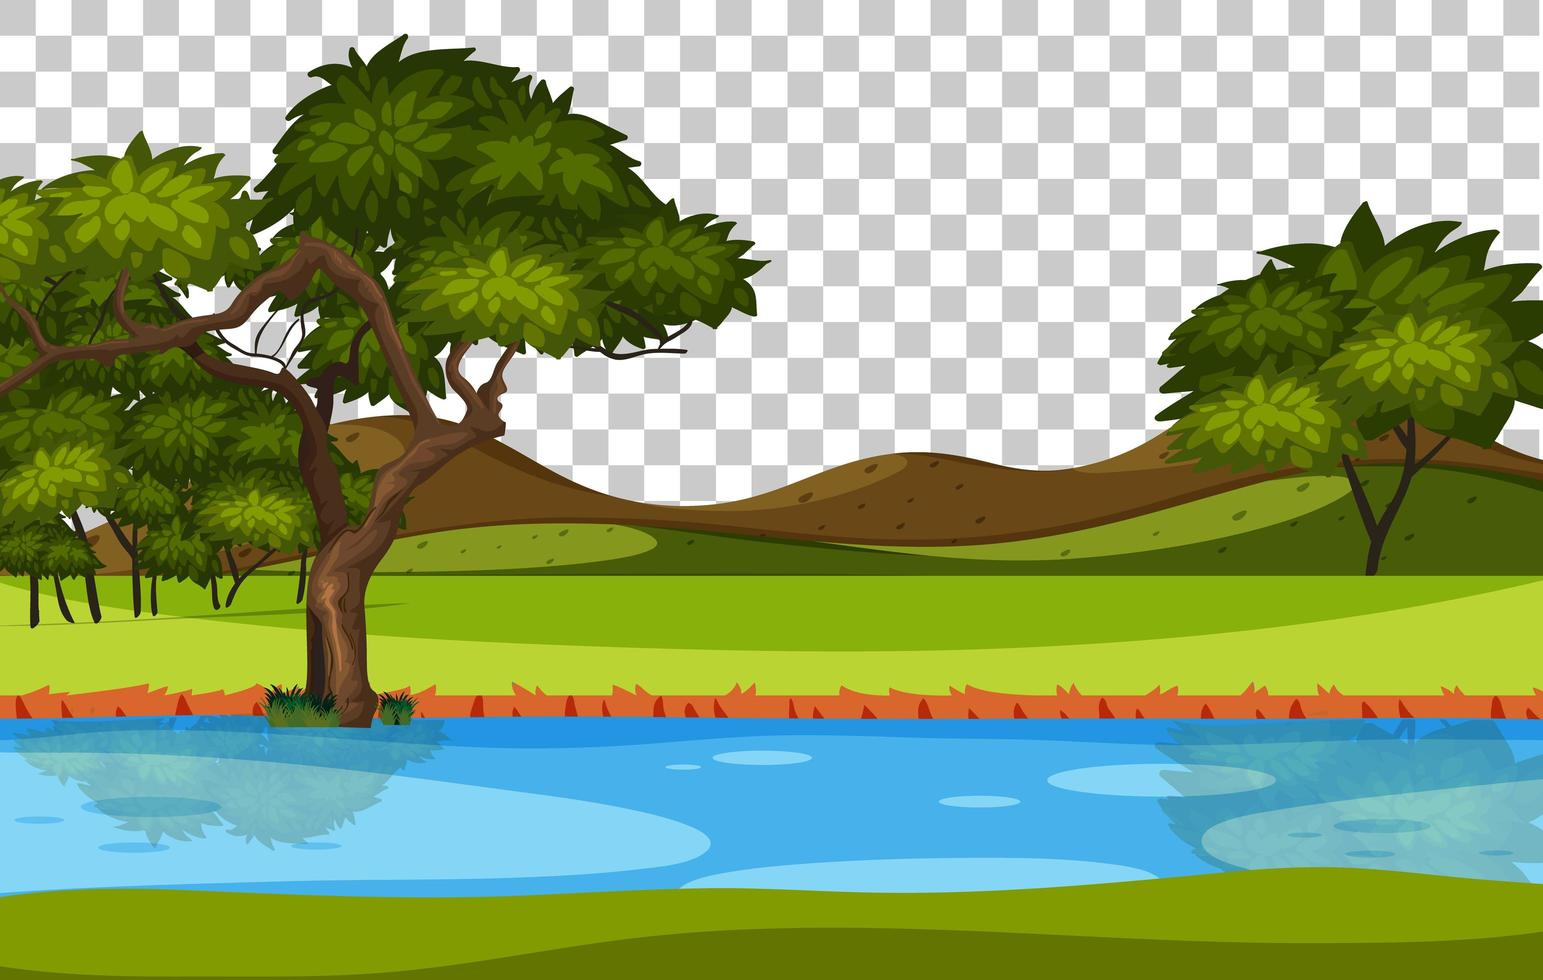 vierge nature parc scène paysage rivière sur fond transparent vecteur